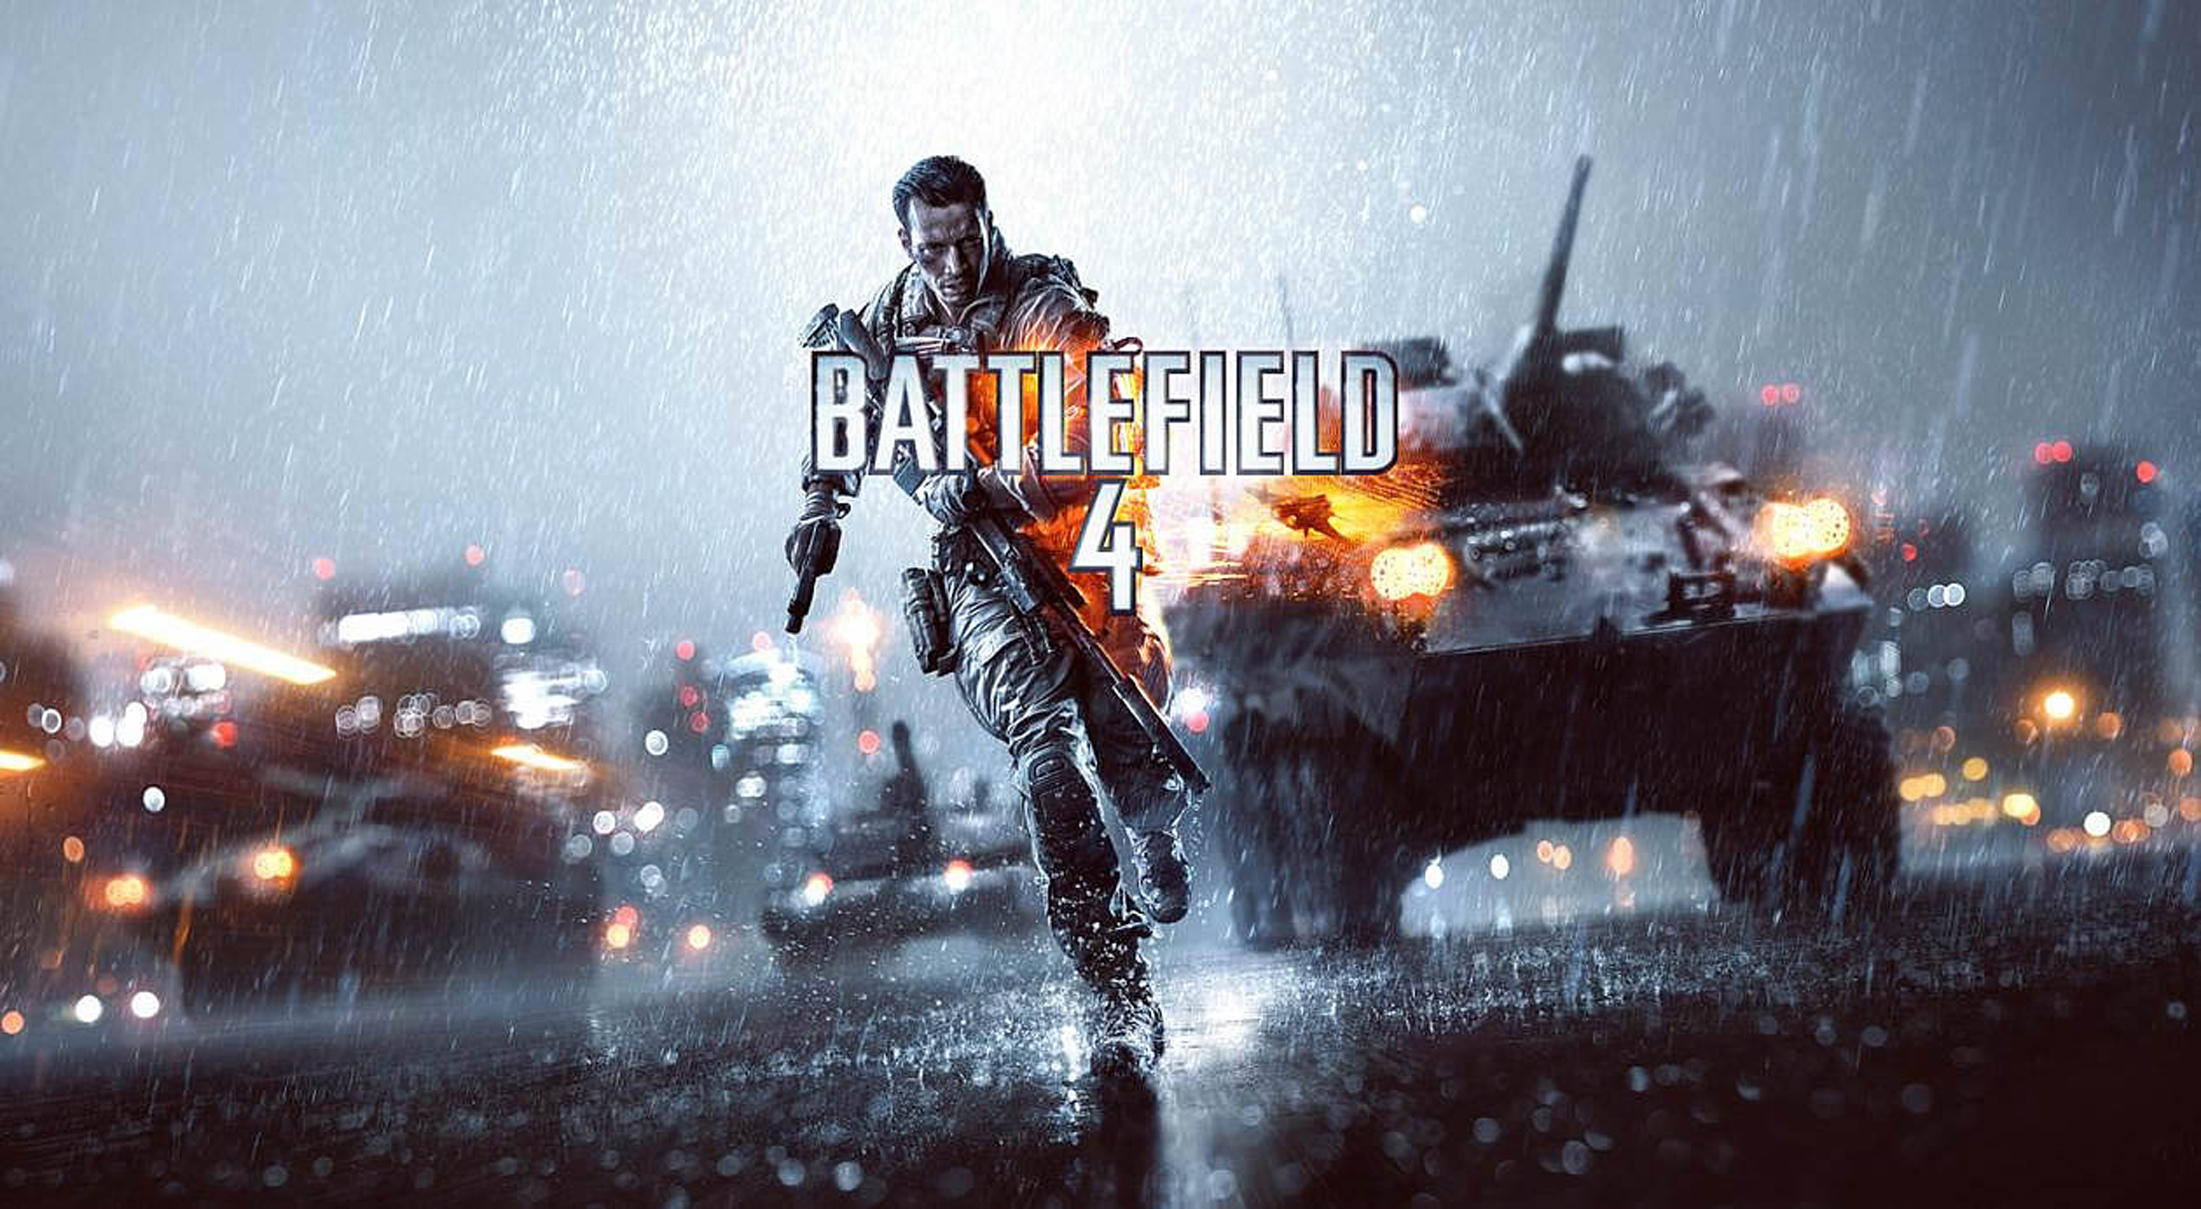 Battlefield 4 Ps4 Wallpaper - Battlefield 4 Ps3 , HD Wallpaper & Backgrounds